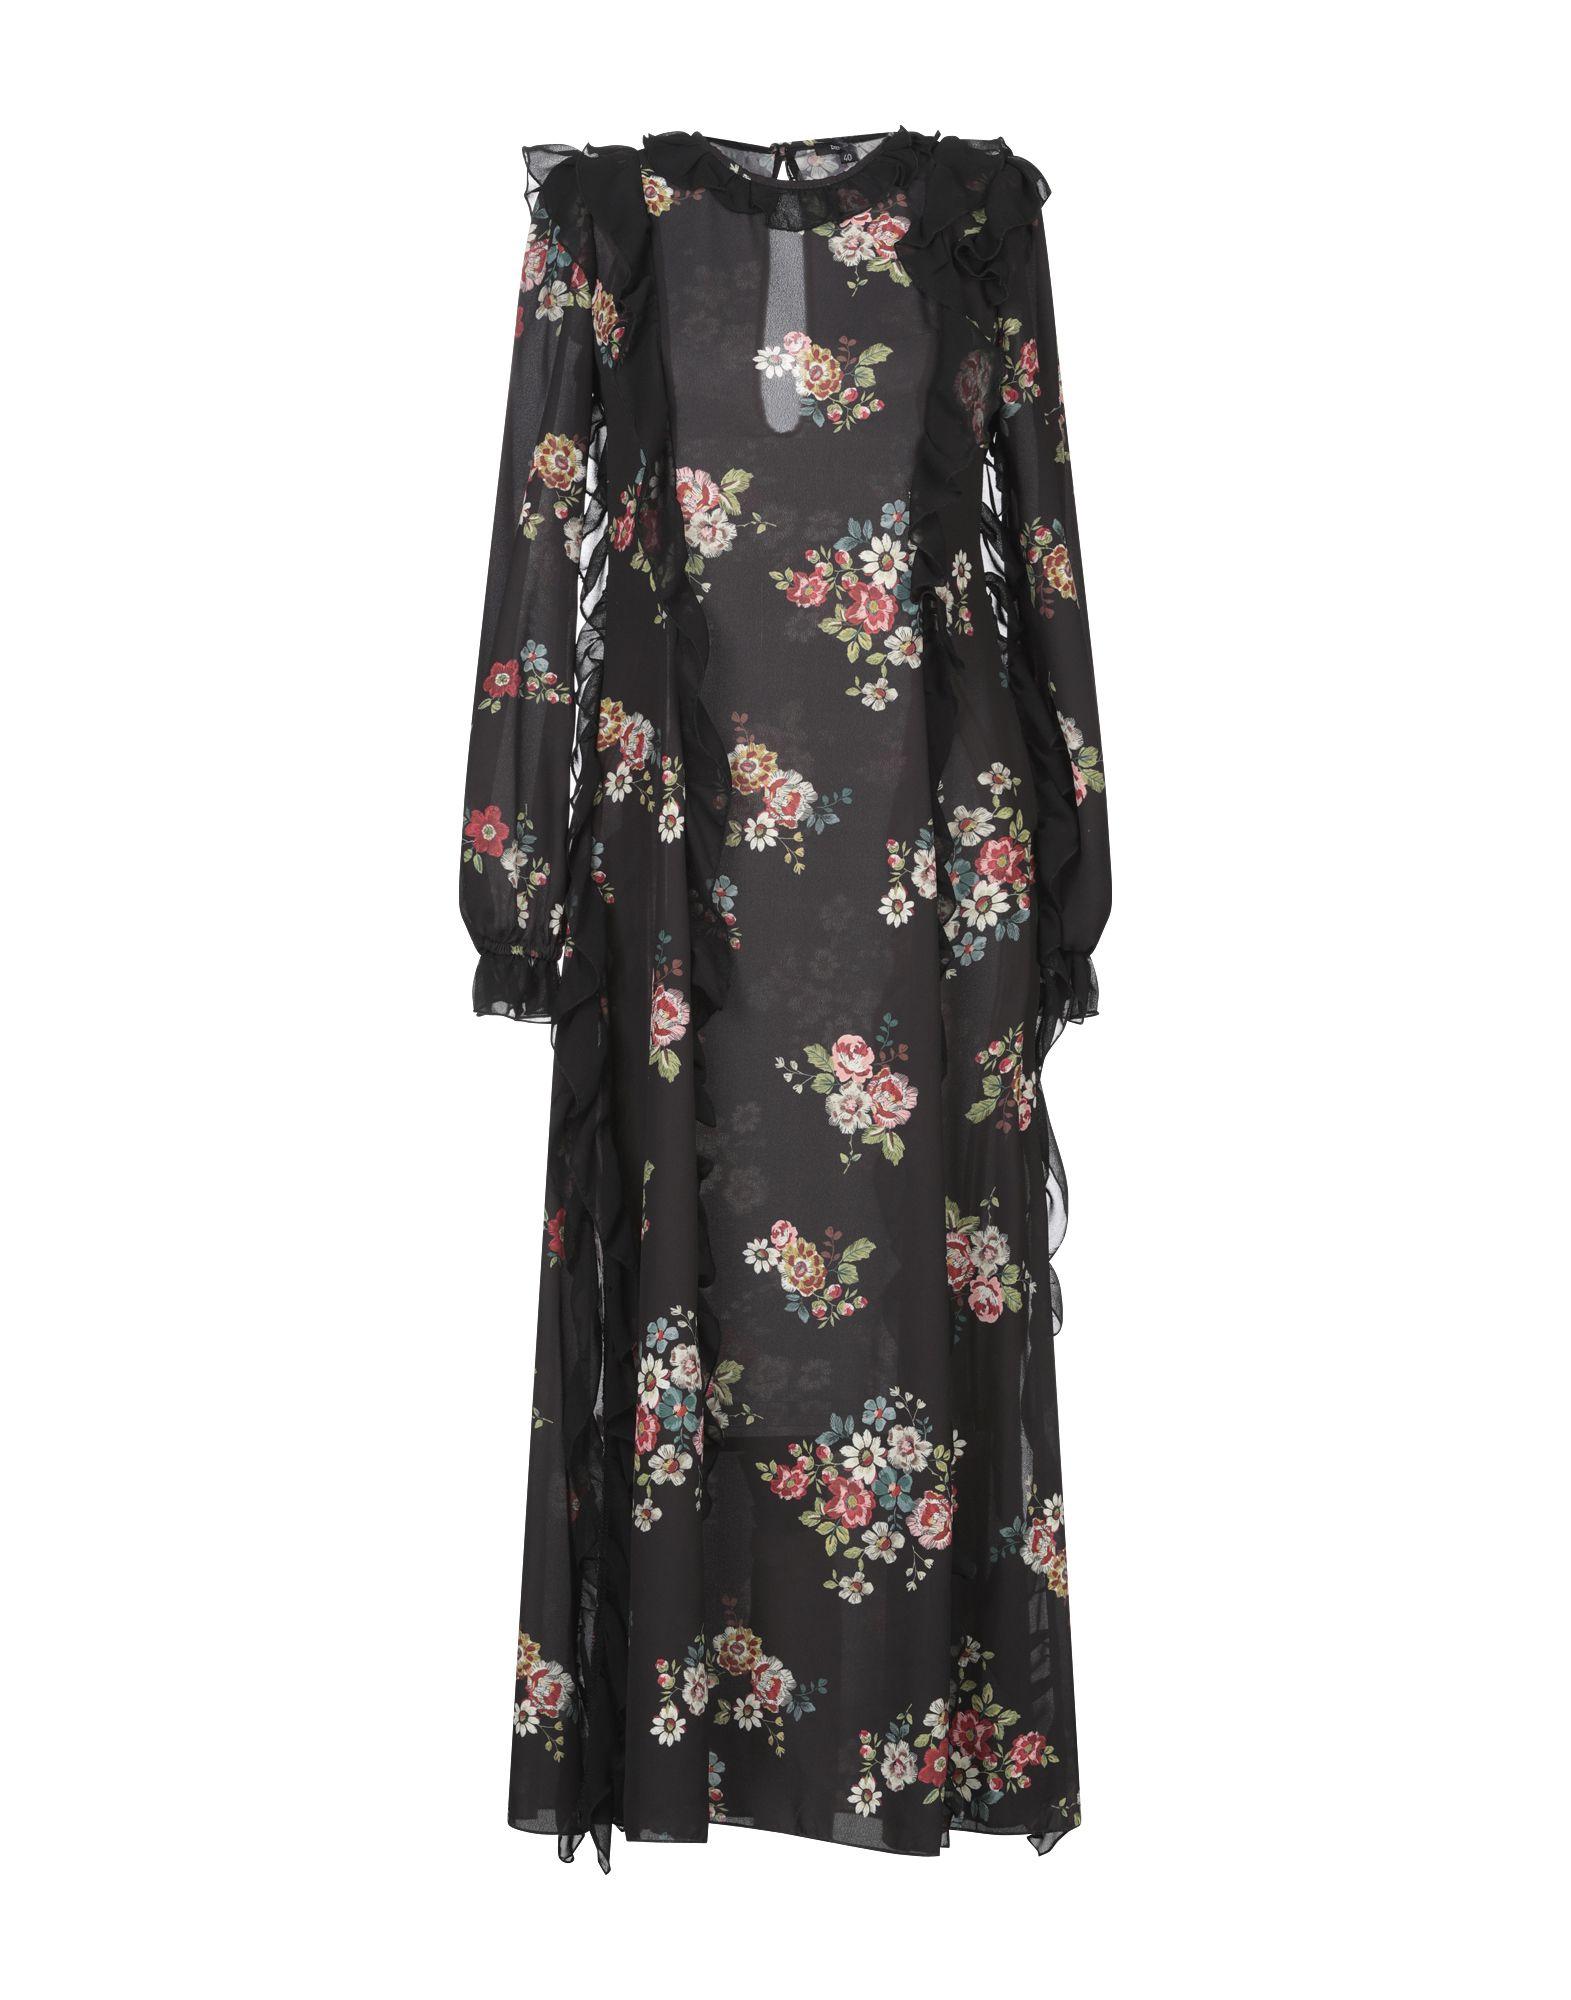 DENNY ROSE Платье длиной 3/4 платье denny rose платье